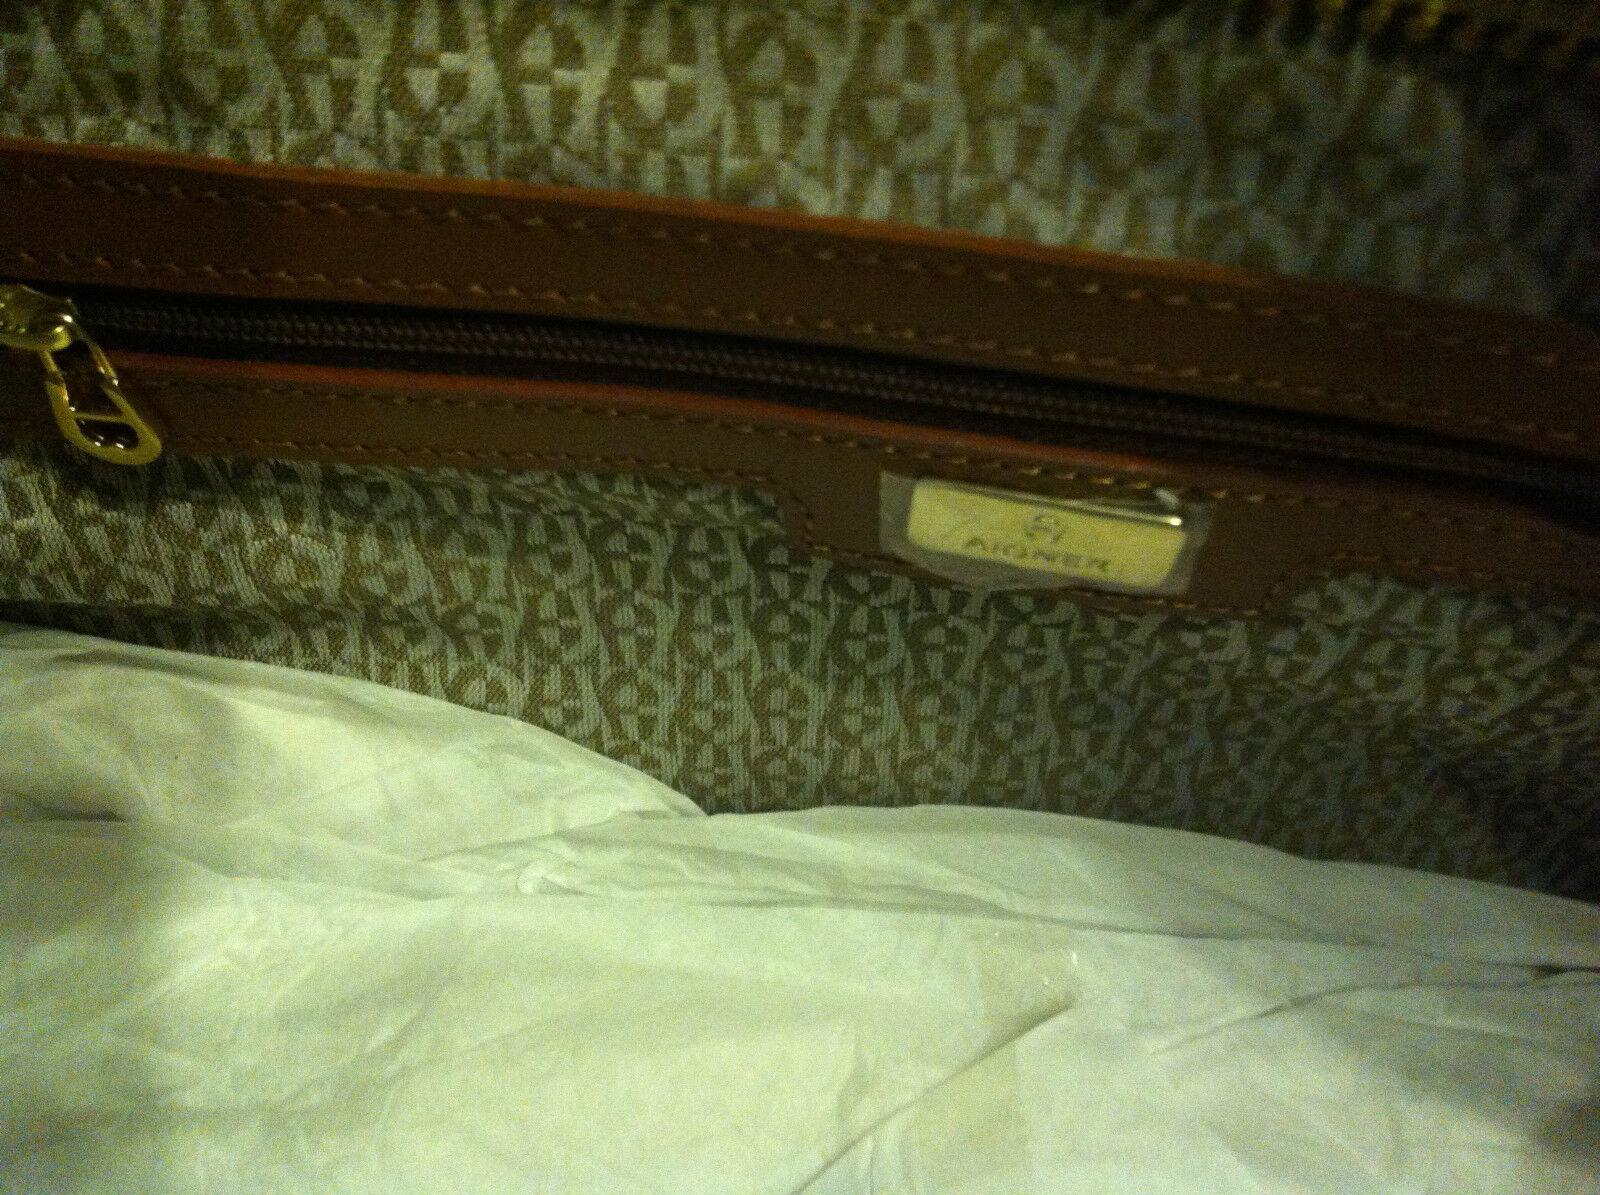 Original Etienne Aigner Tasche große Damentasche Shopper Beige Gold NEU NEU NEU | Genialität  | Ausgezeichnete Qualität  | Online  30cebe